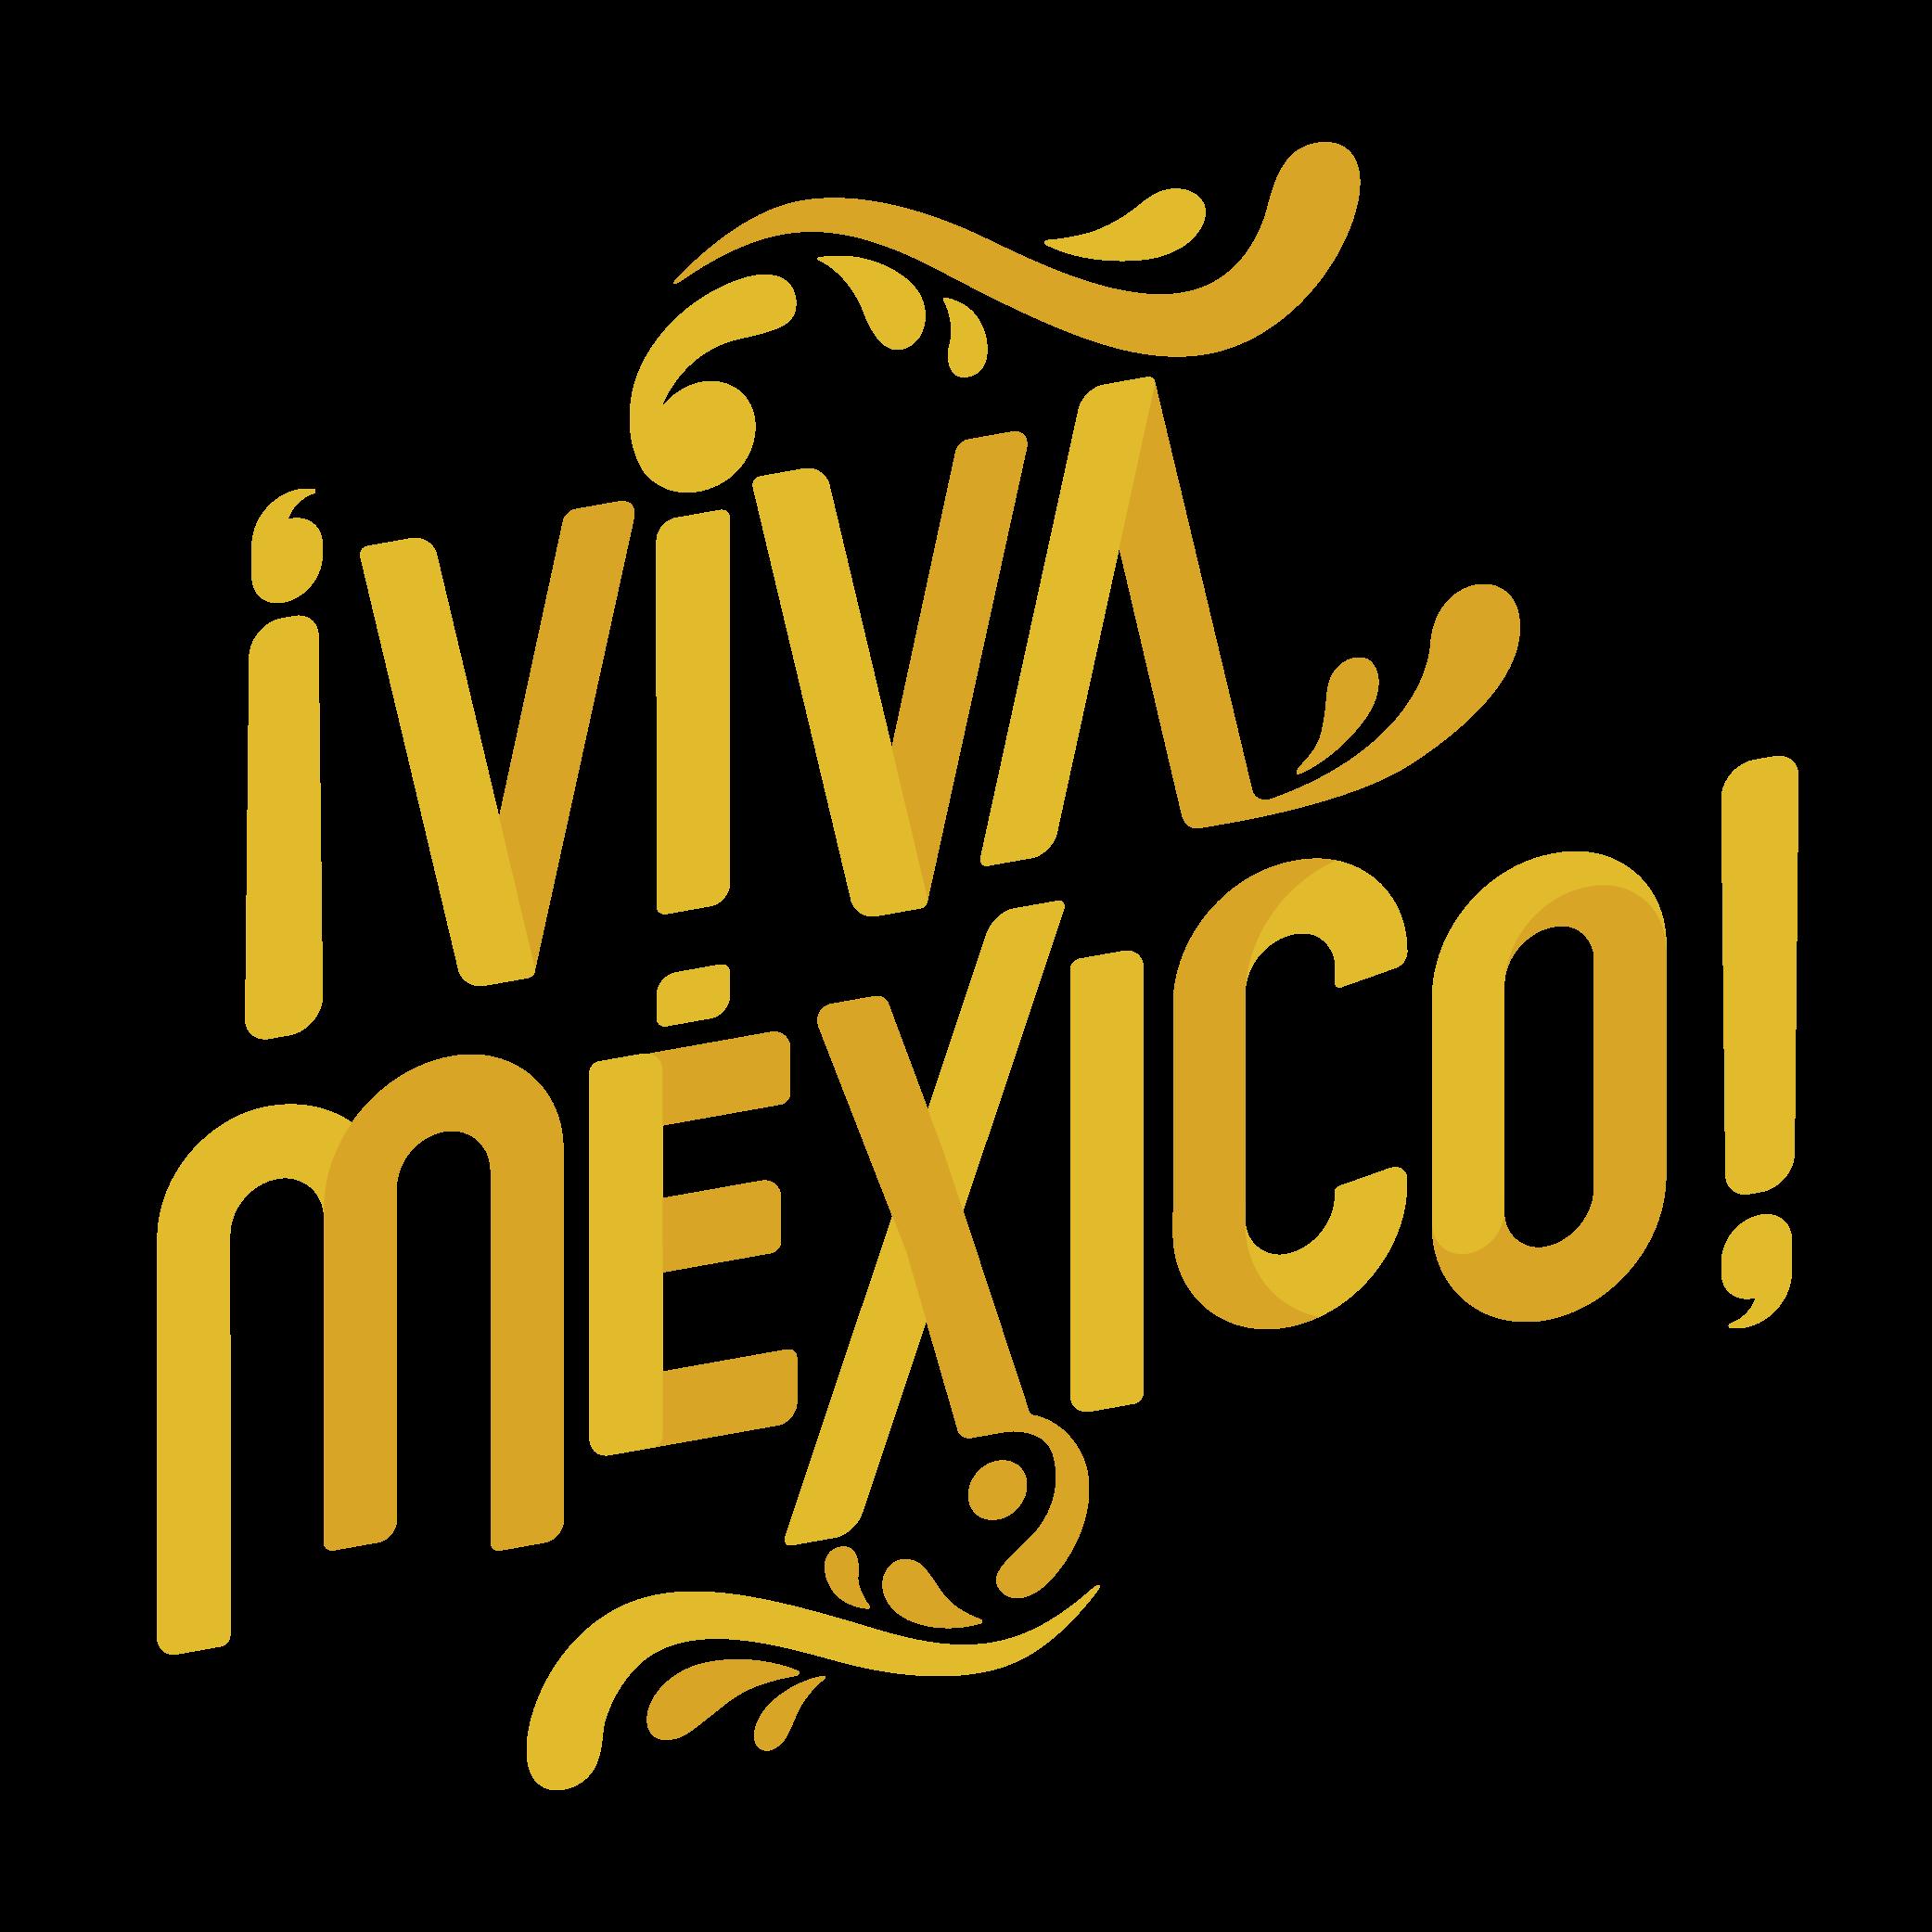 Viva Mexico Logos.